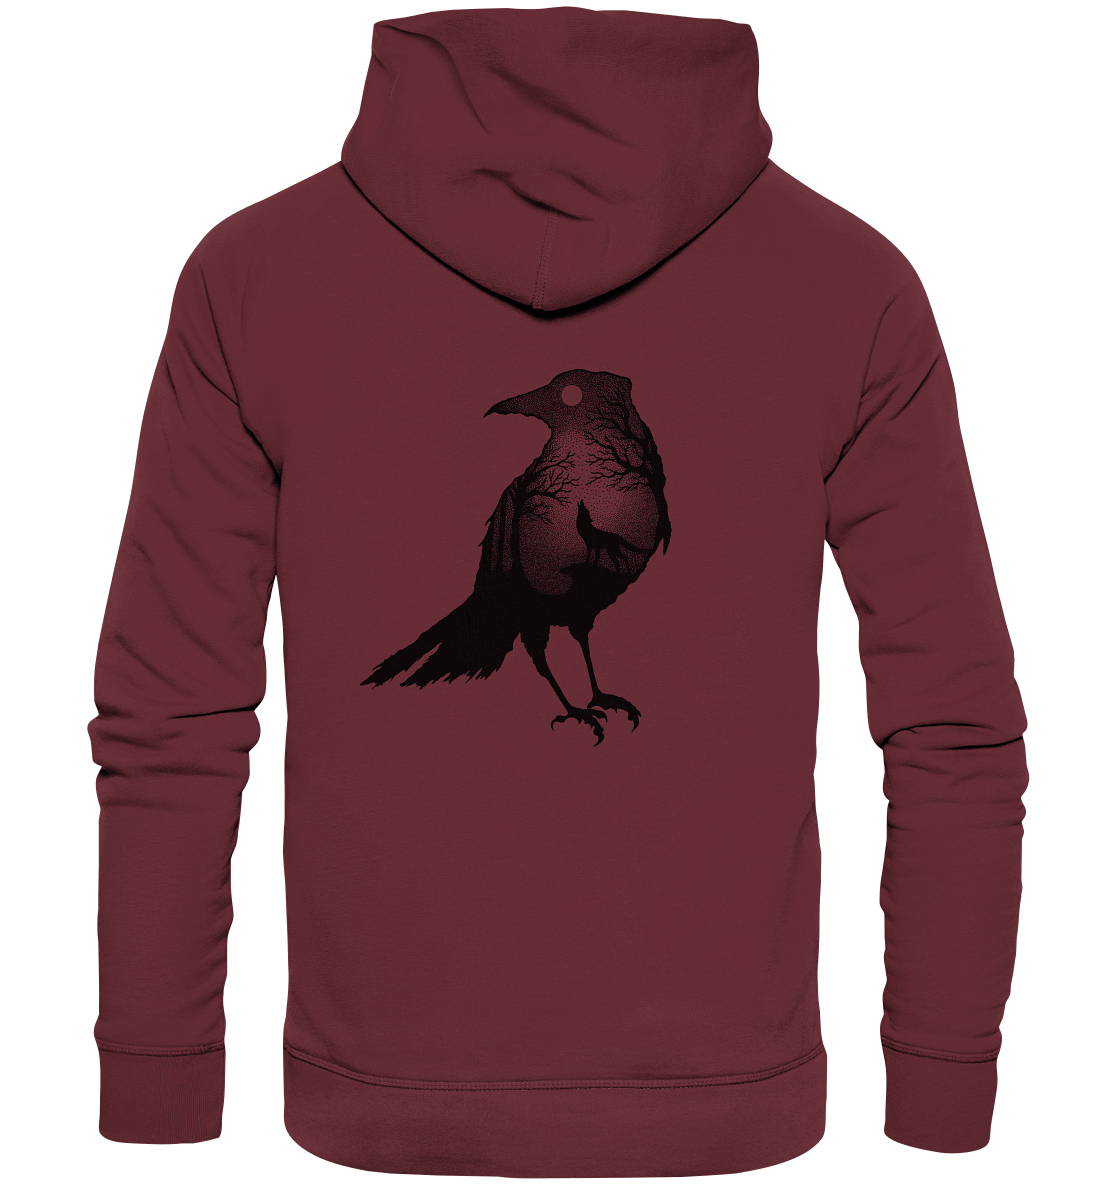 back-organic-fashion-hoodie-672b34-1116x-2.png